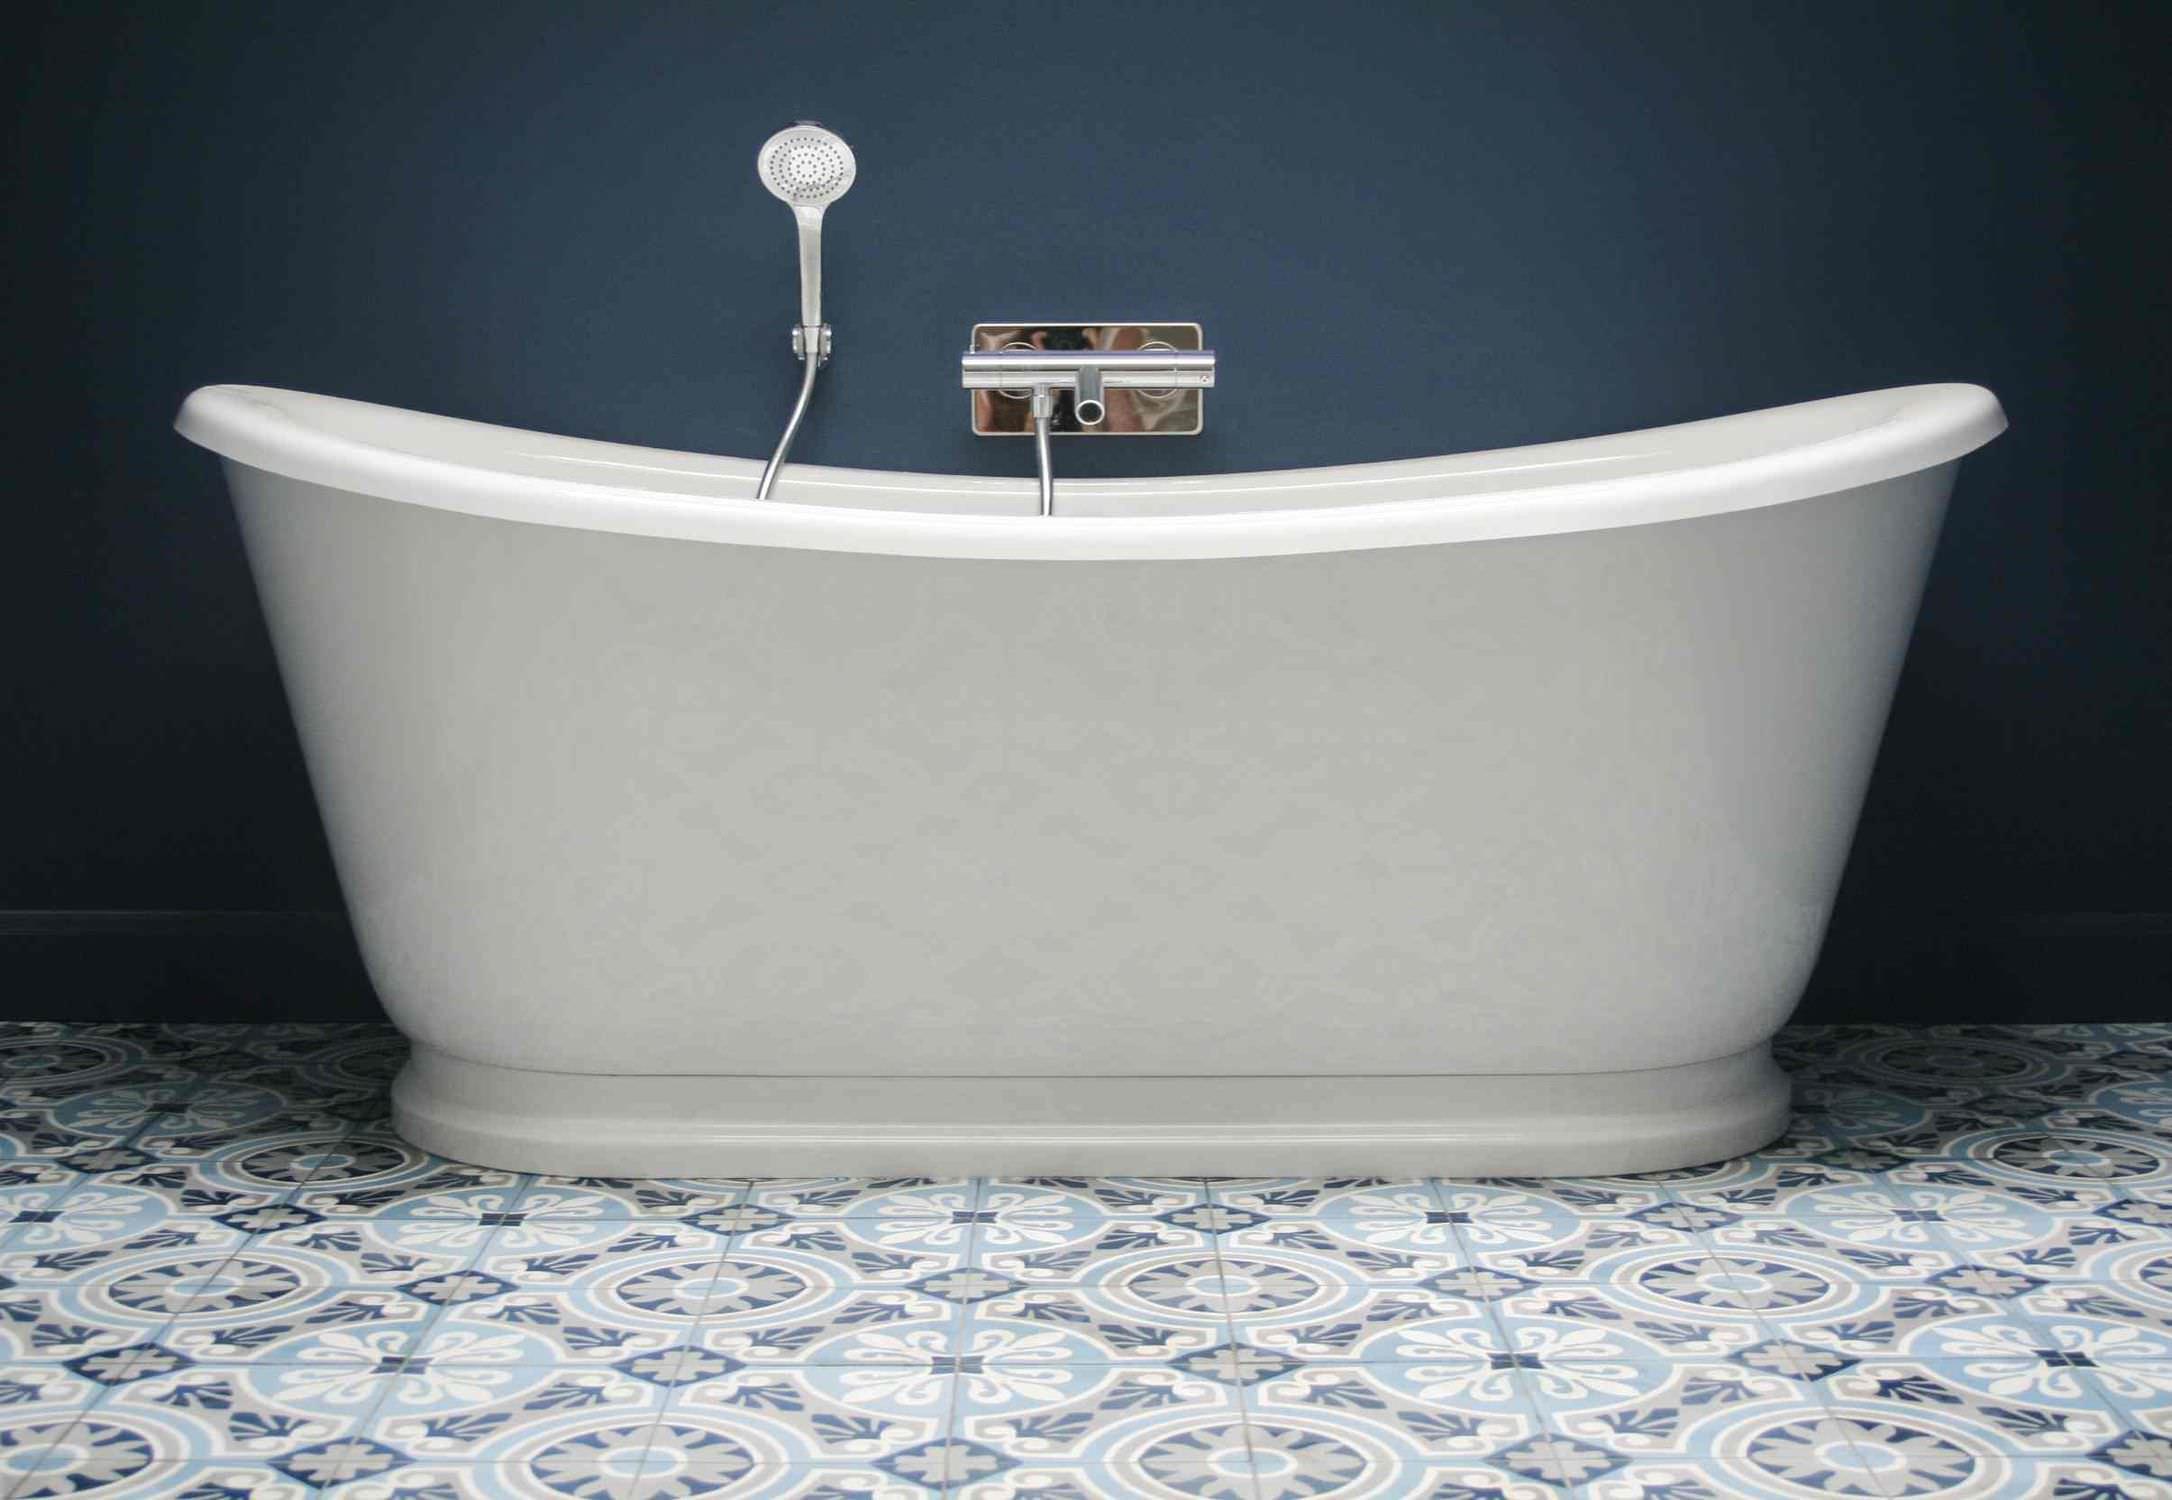 Bathroom tile / floor / cement / Victorian pattern - ART NOUVEAU ...